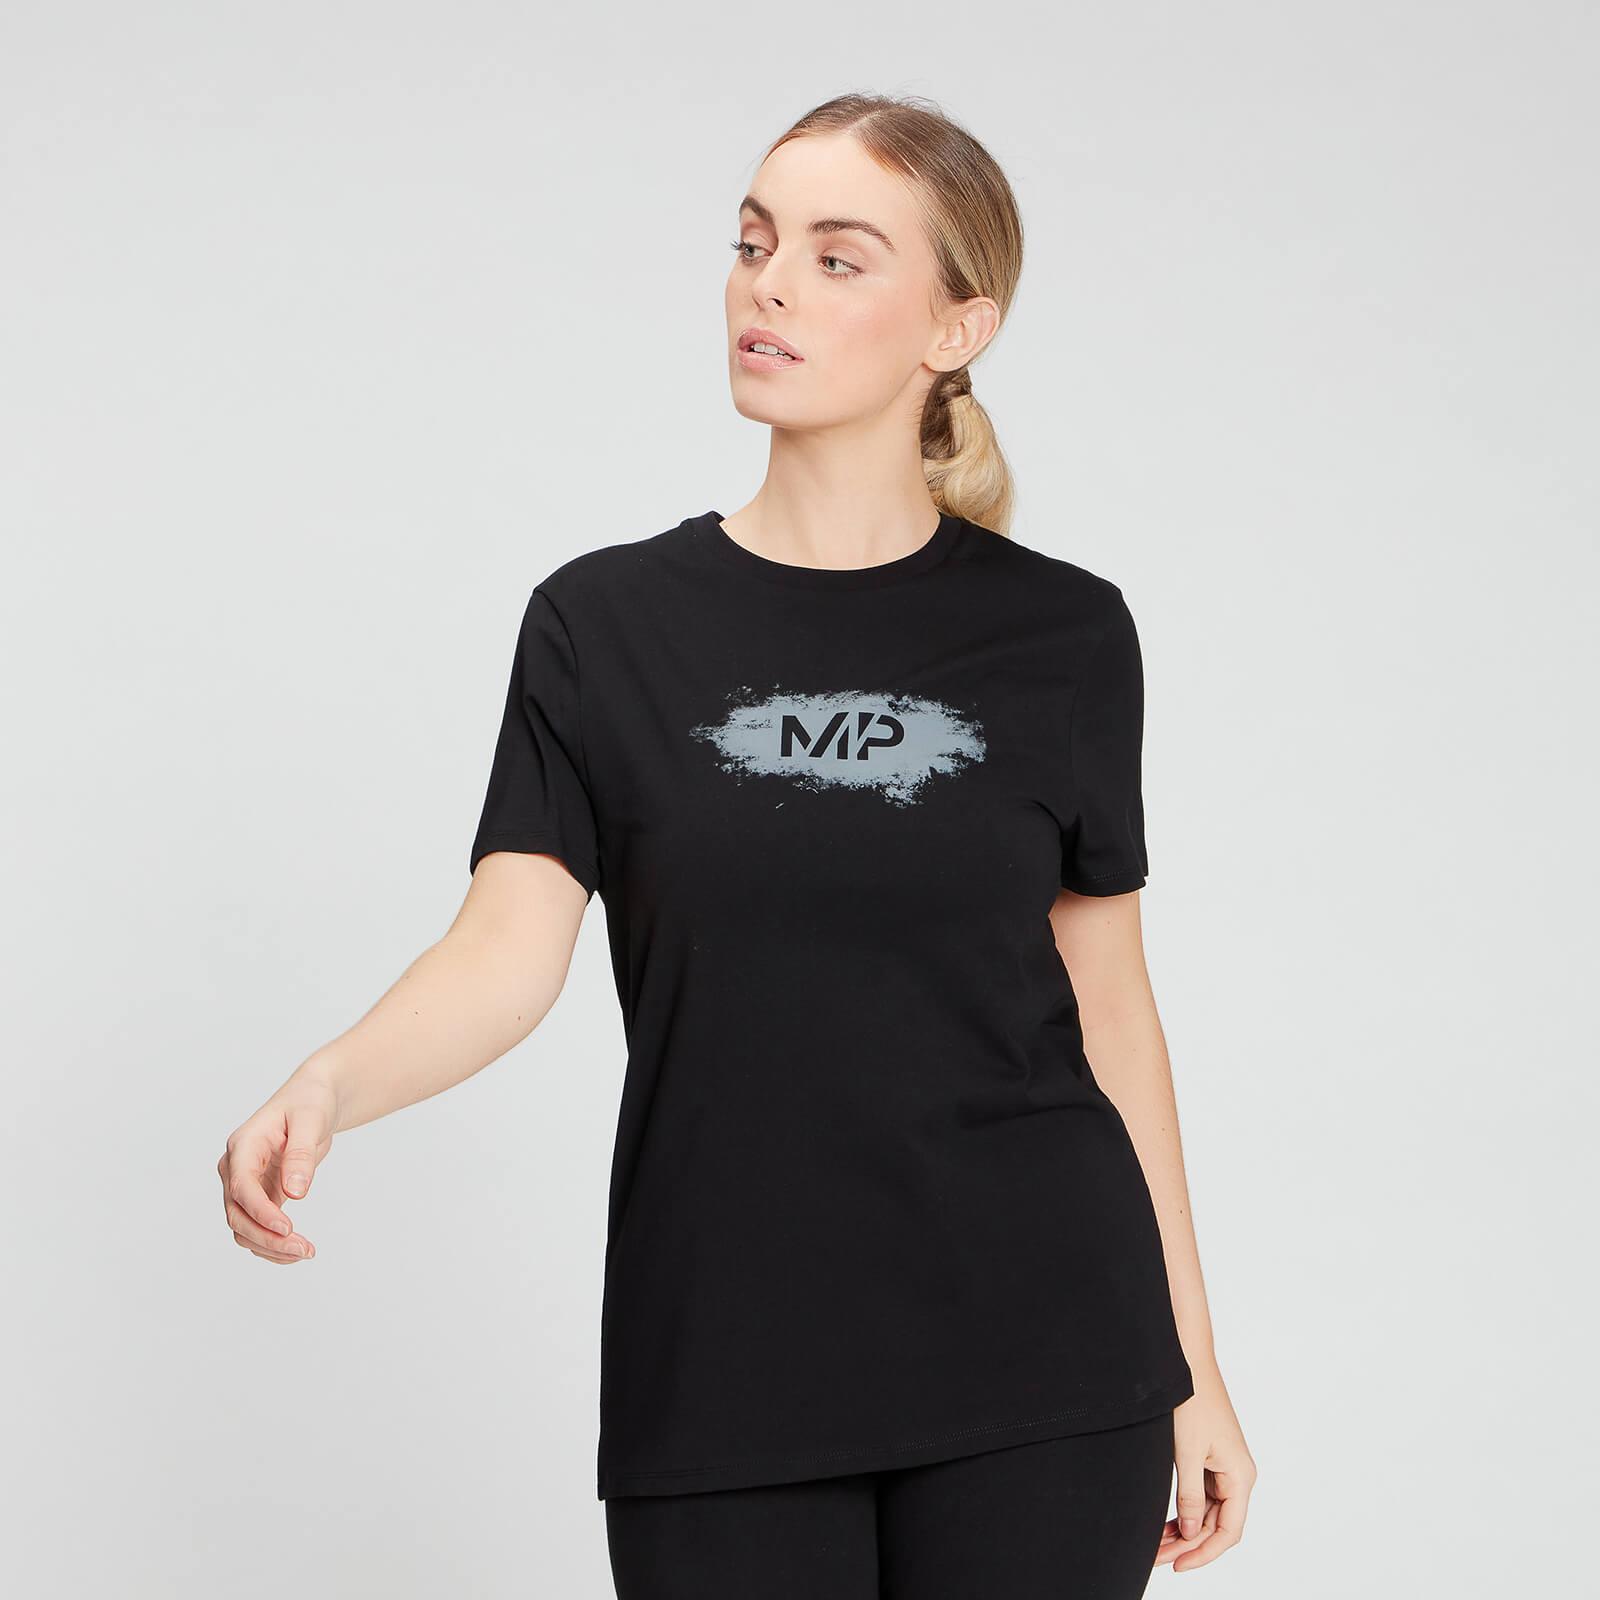 MP Women's Chalk Graphic T-Shirt - Black - XS, Myprotein International  - купить со скидкой